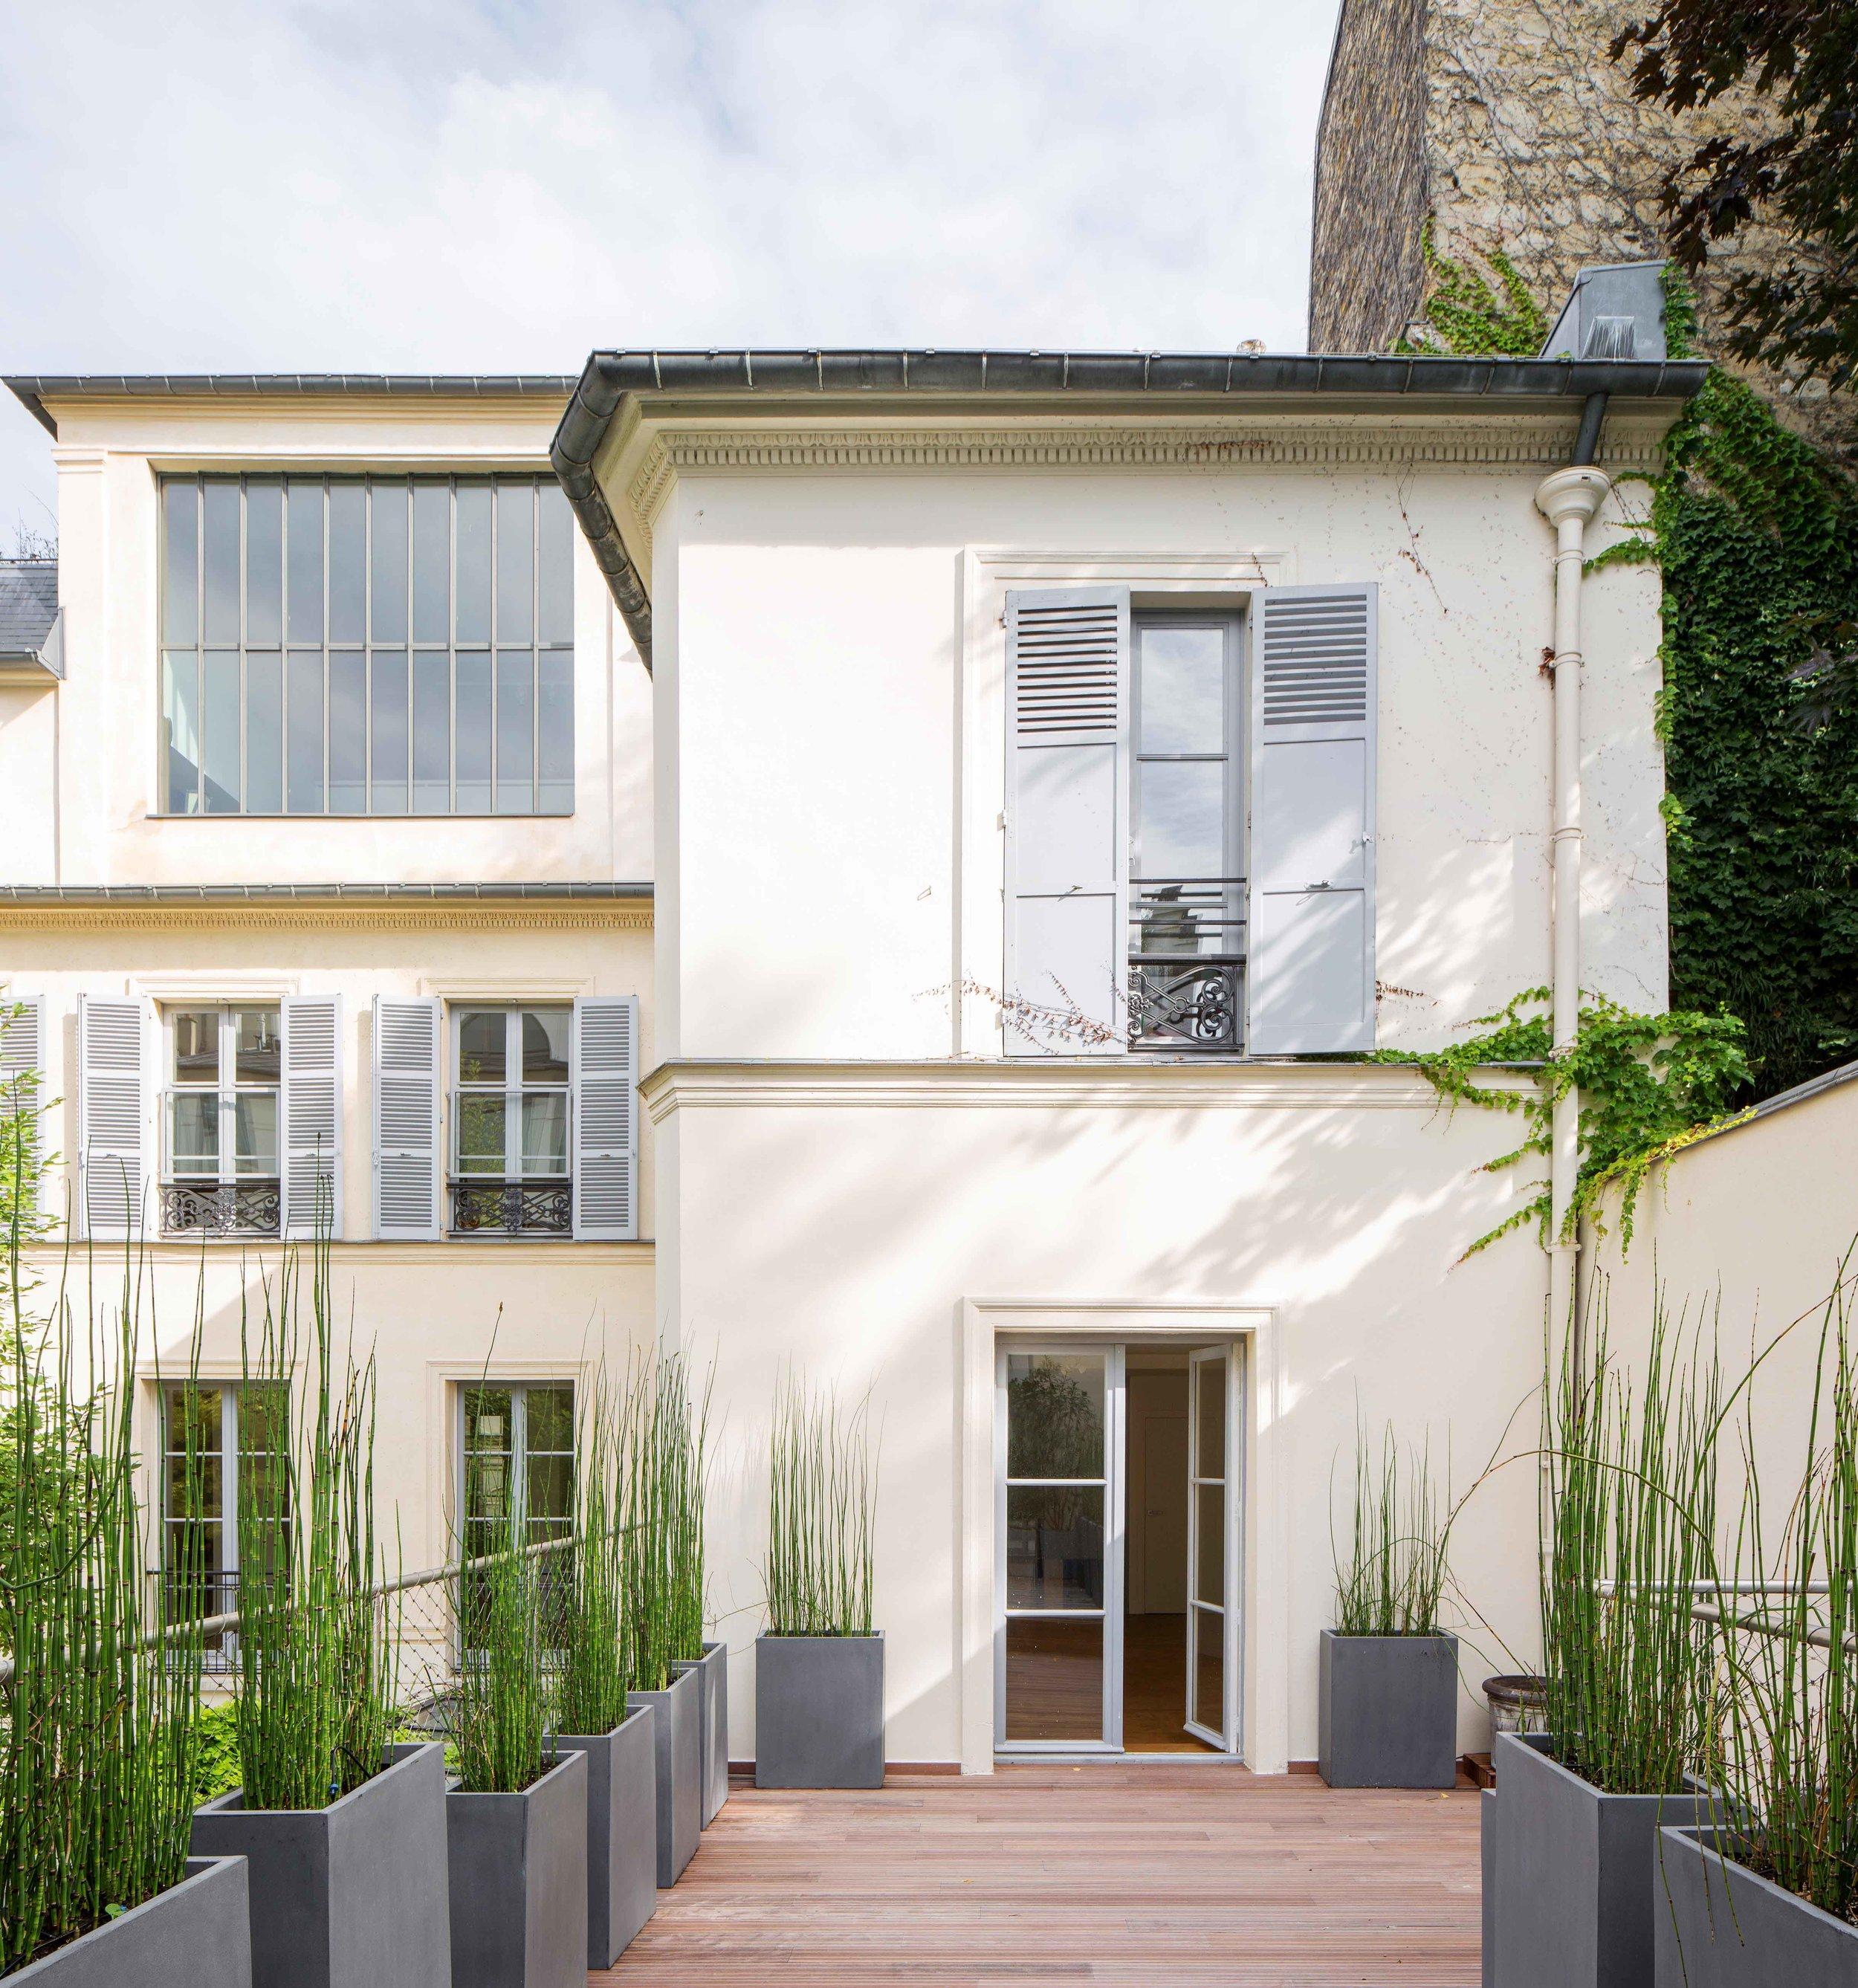 terrasse 1 quaité moyen.jpg